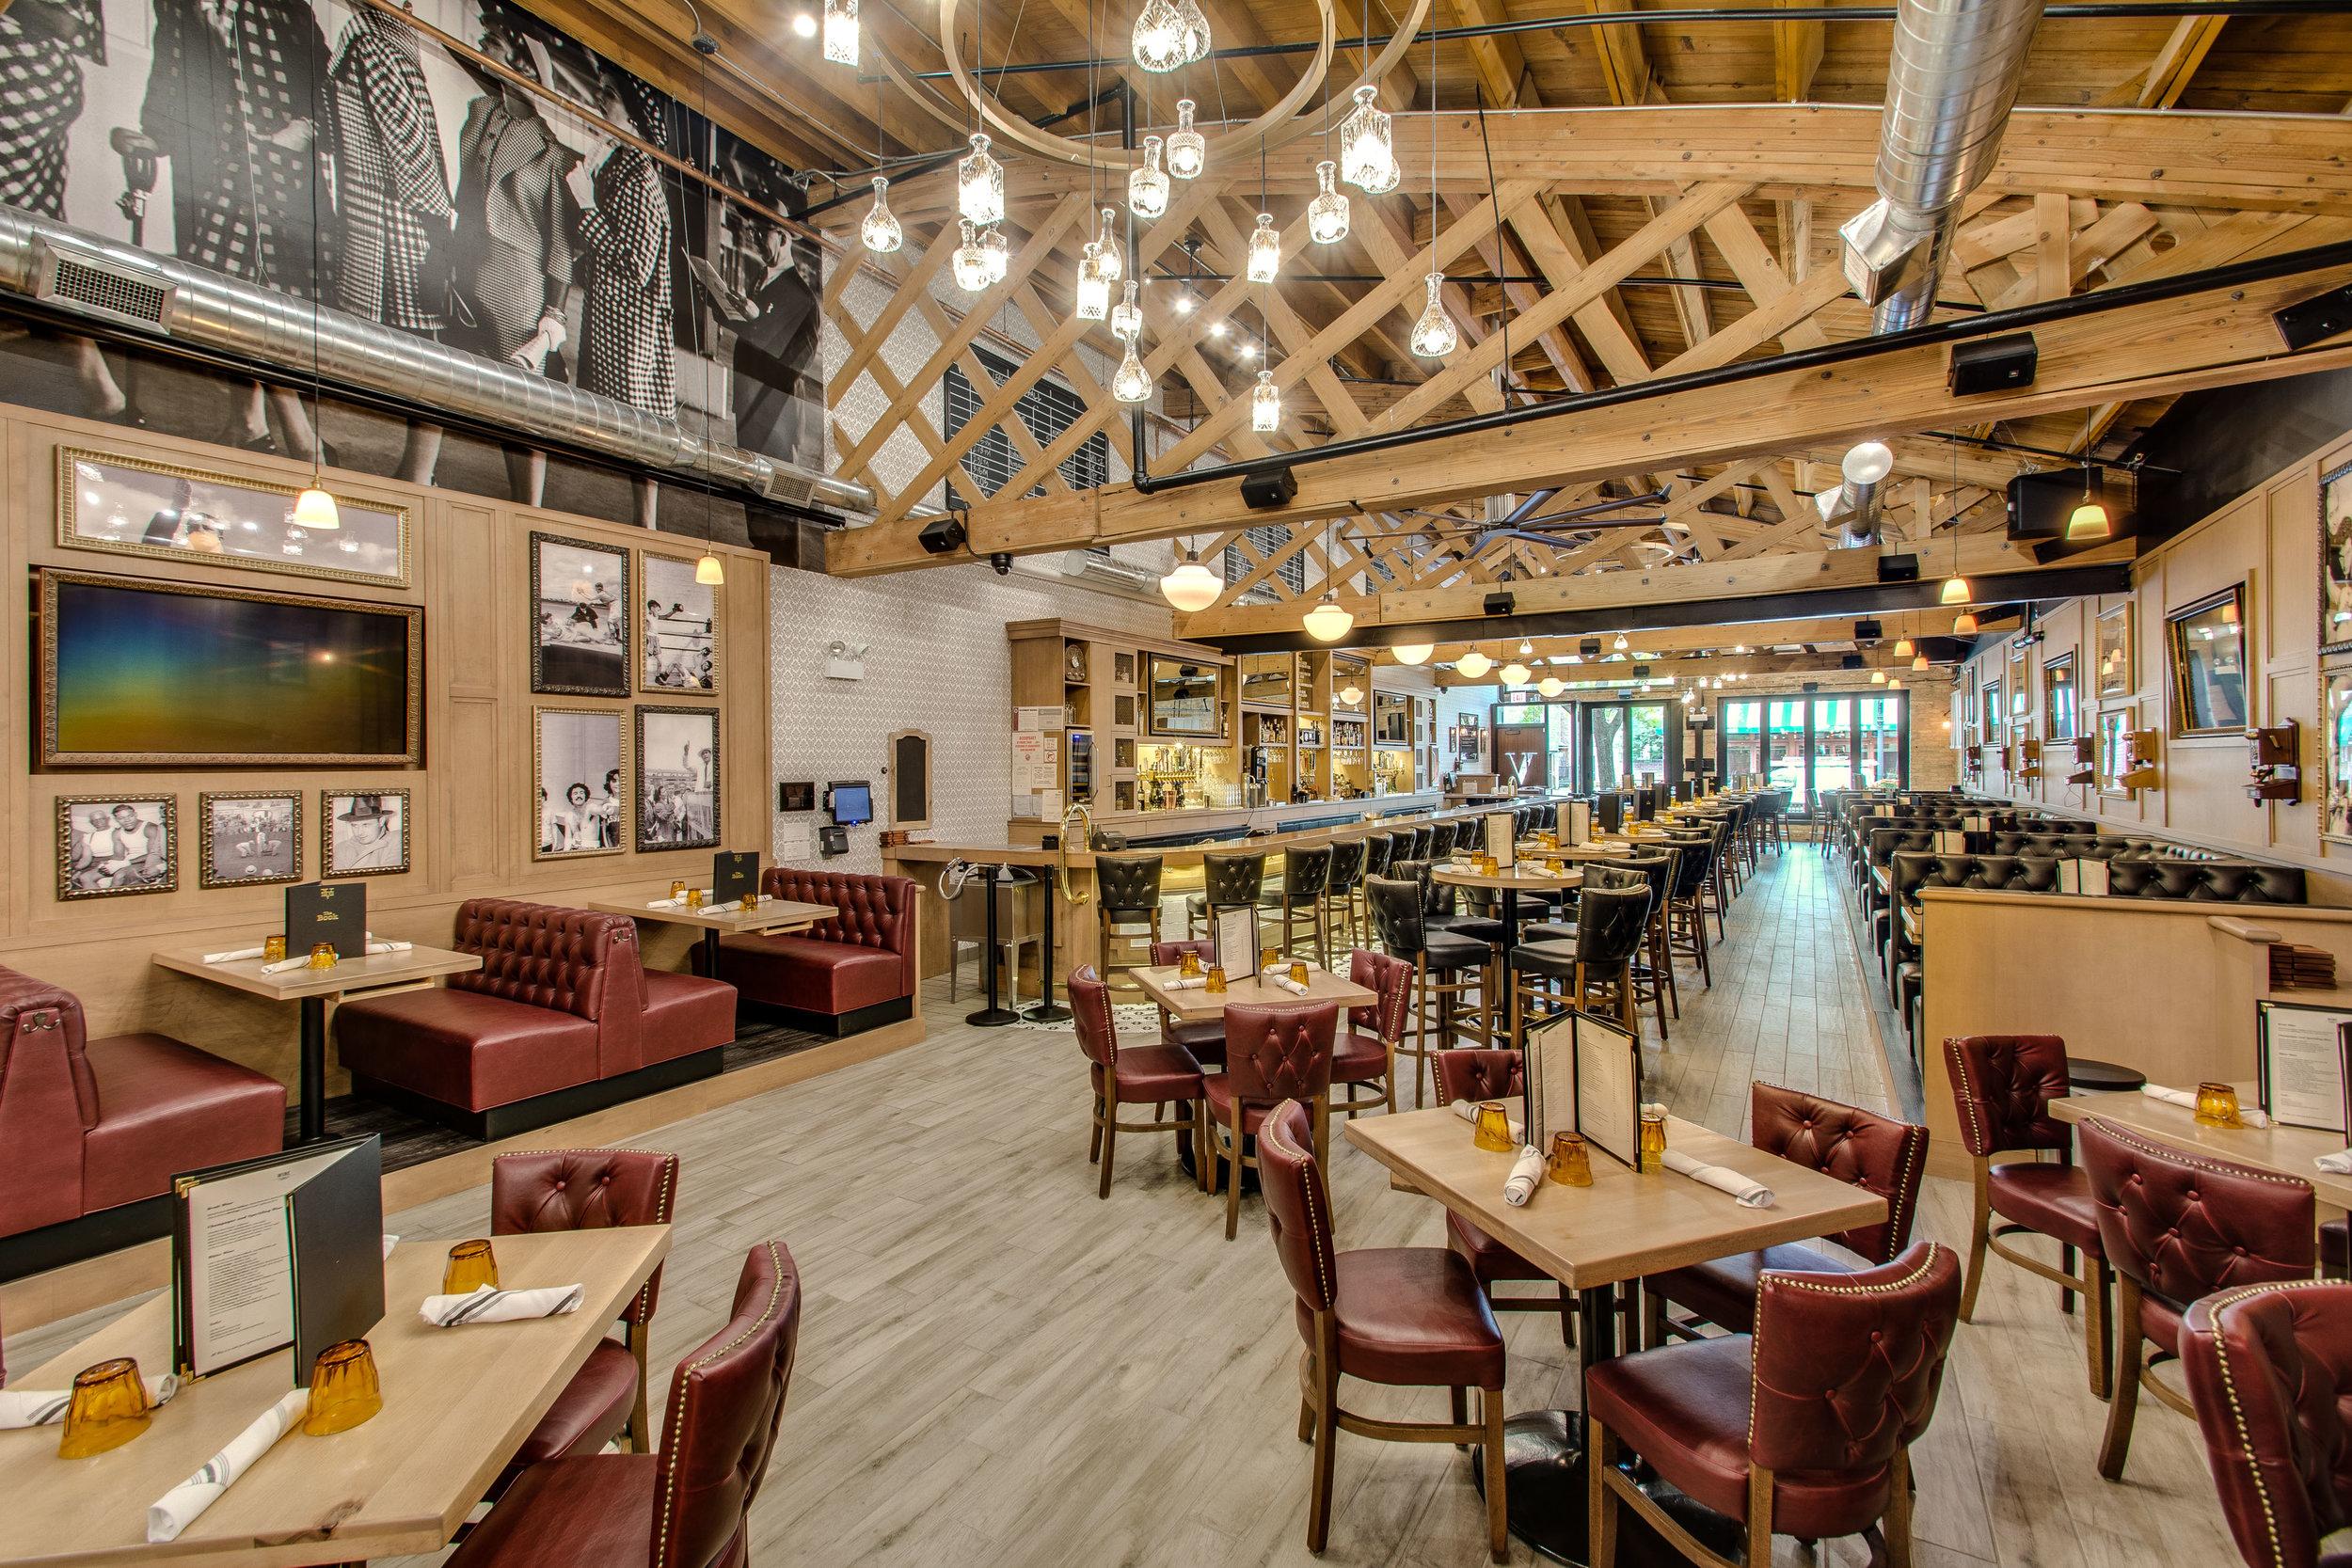 theVig_restaurant_018.jpg